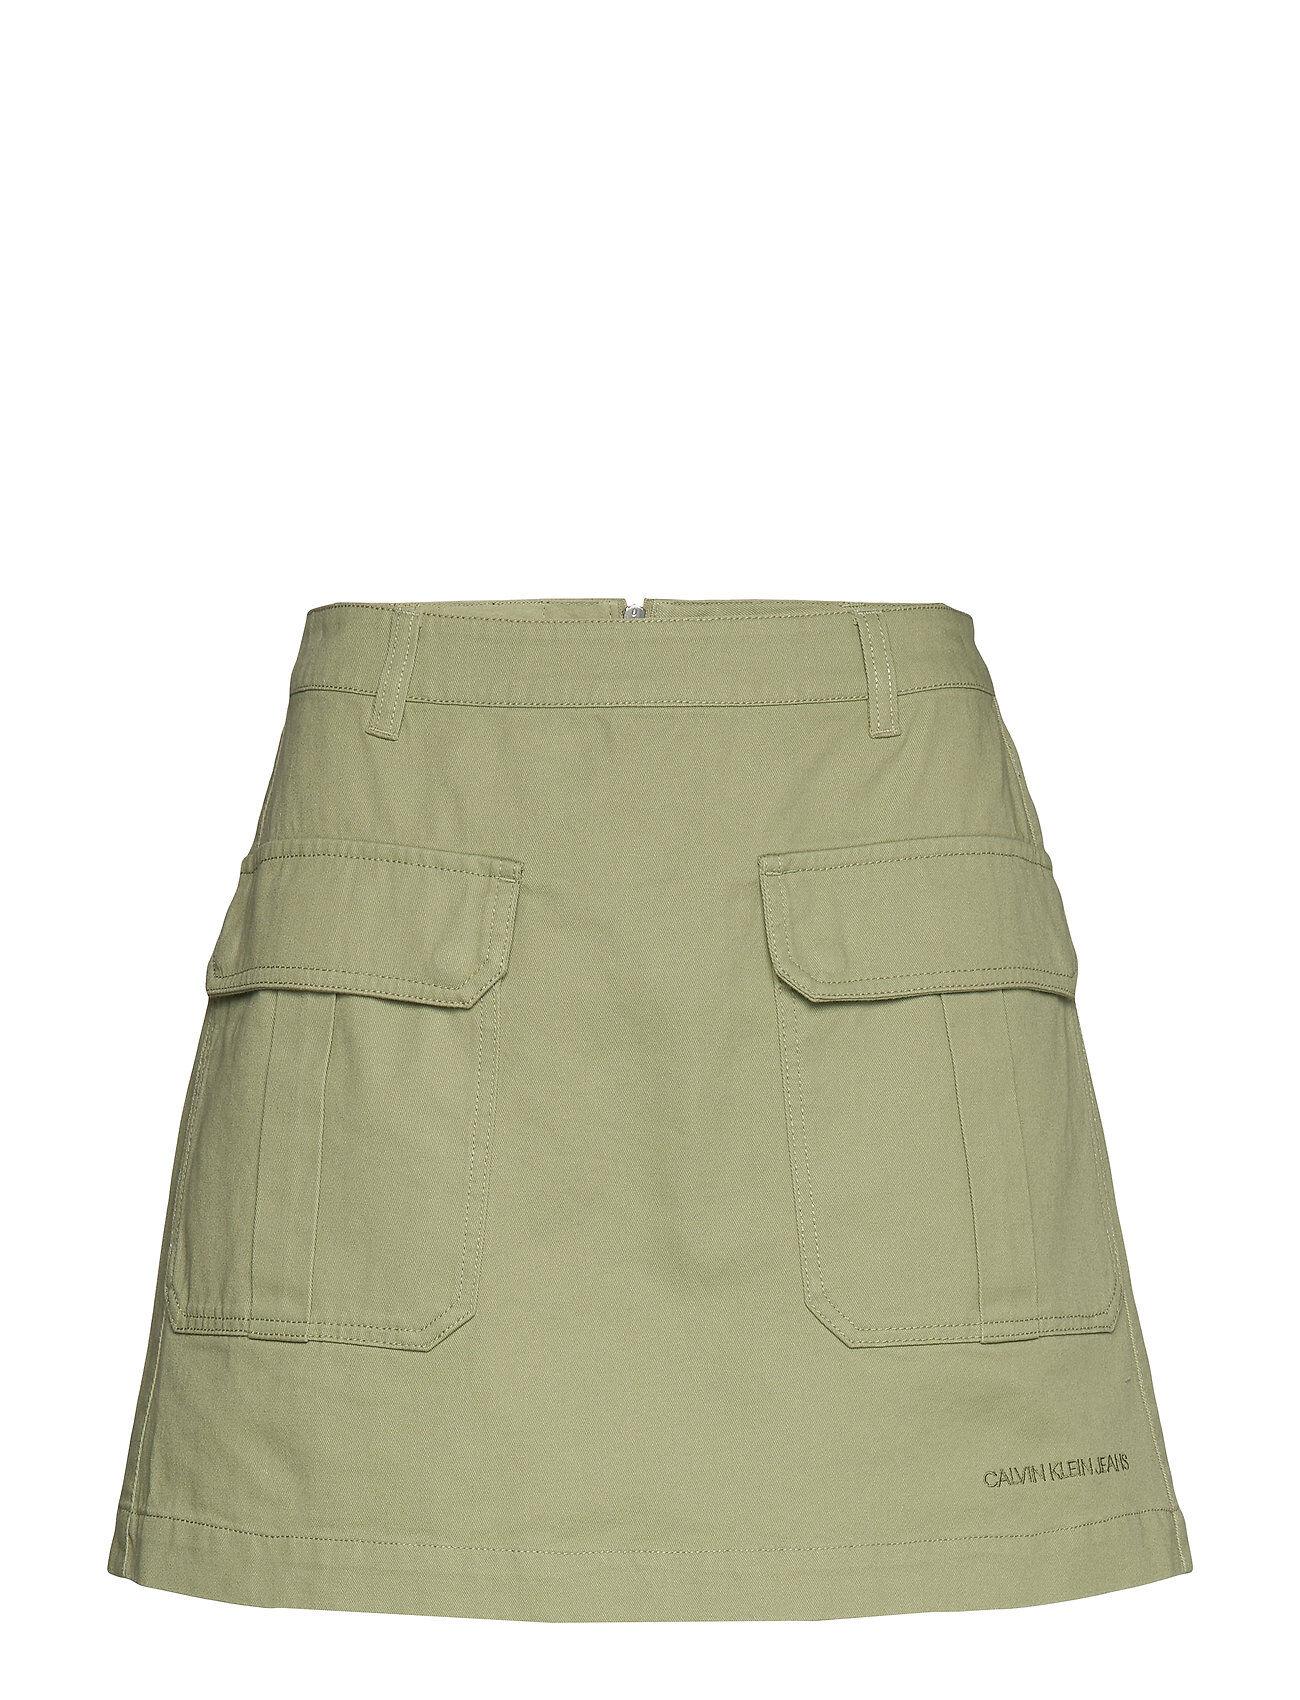 Image of Calvin Cotton Twill Utility Mini Skirt Lyhyt Hame Vihreä Calvin Klein Jeans